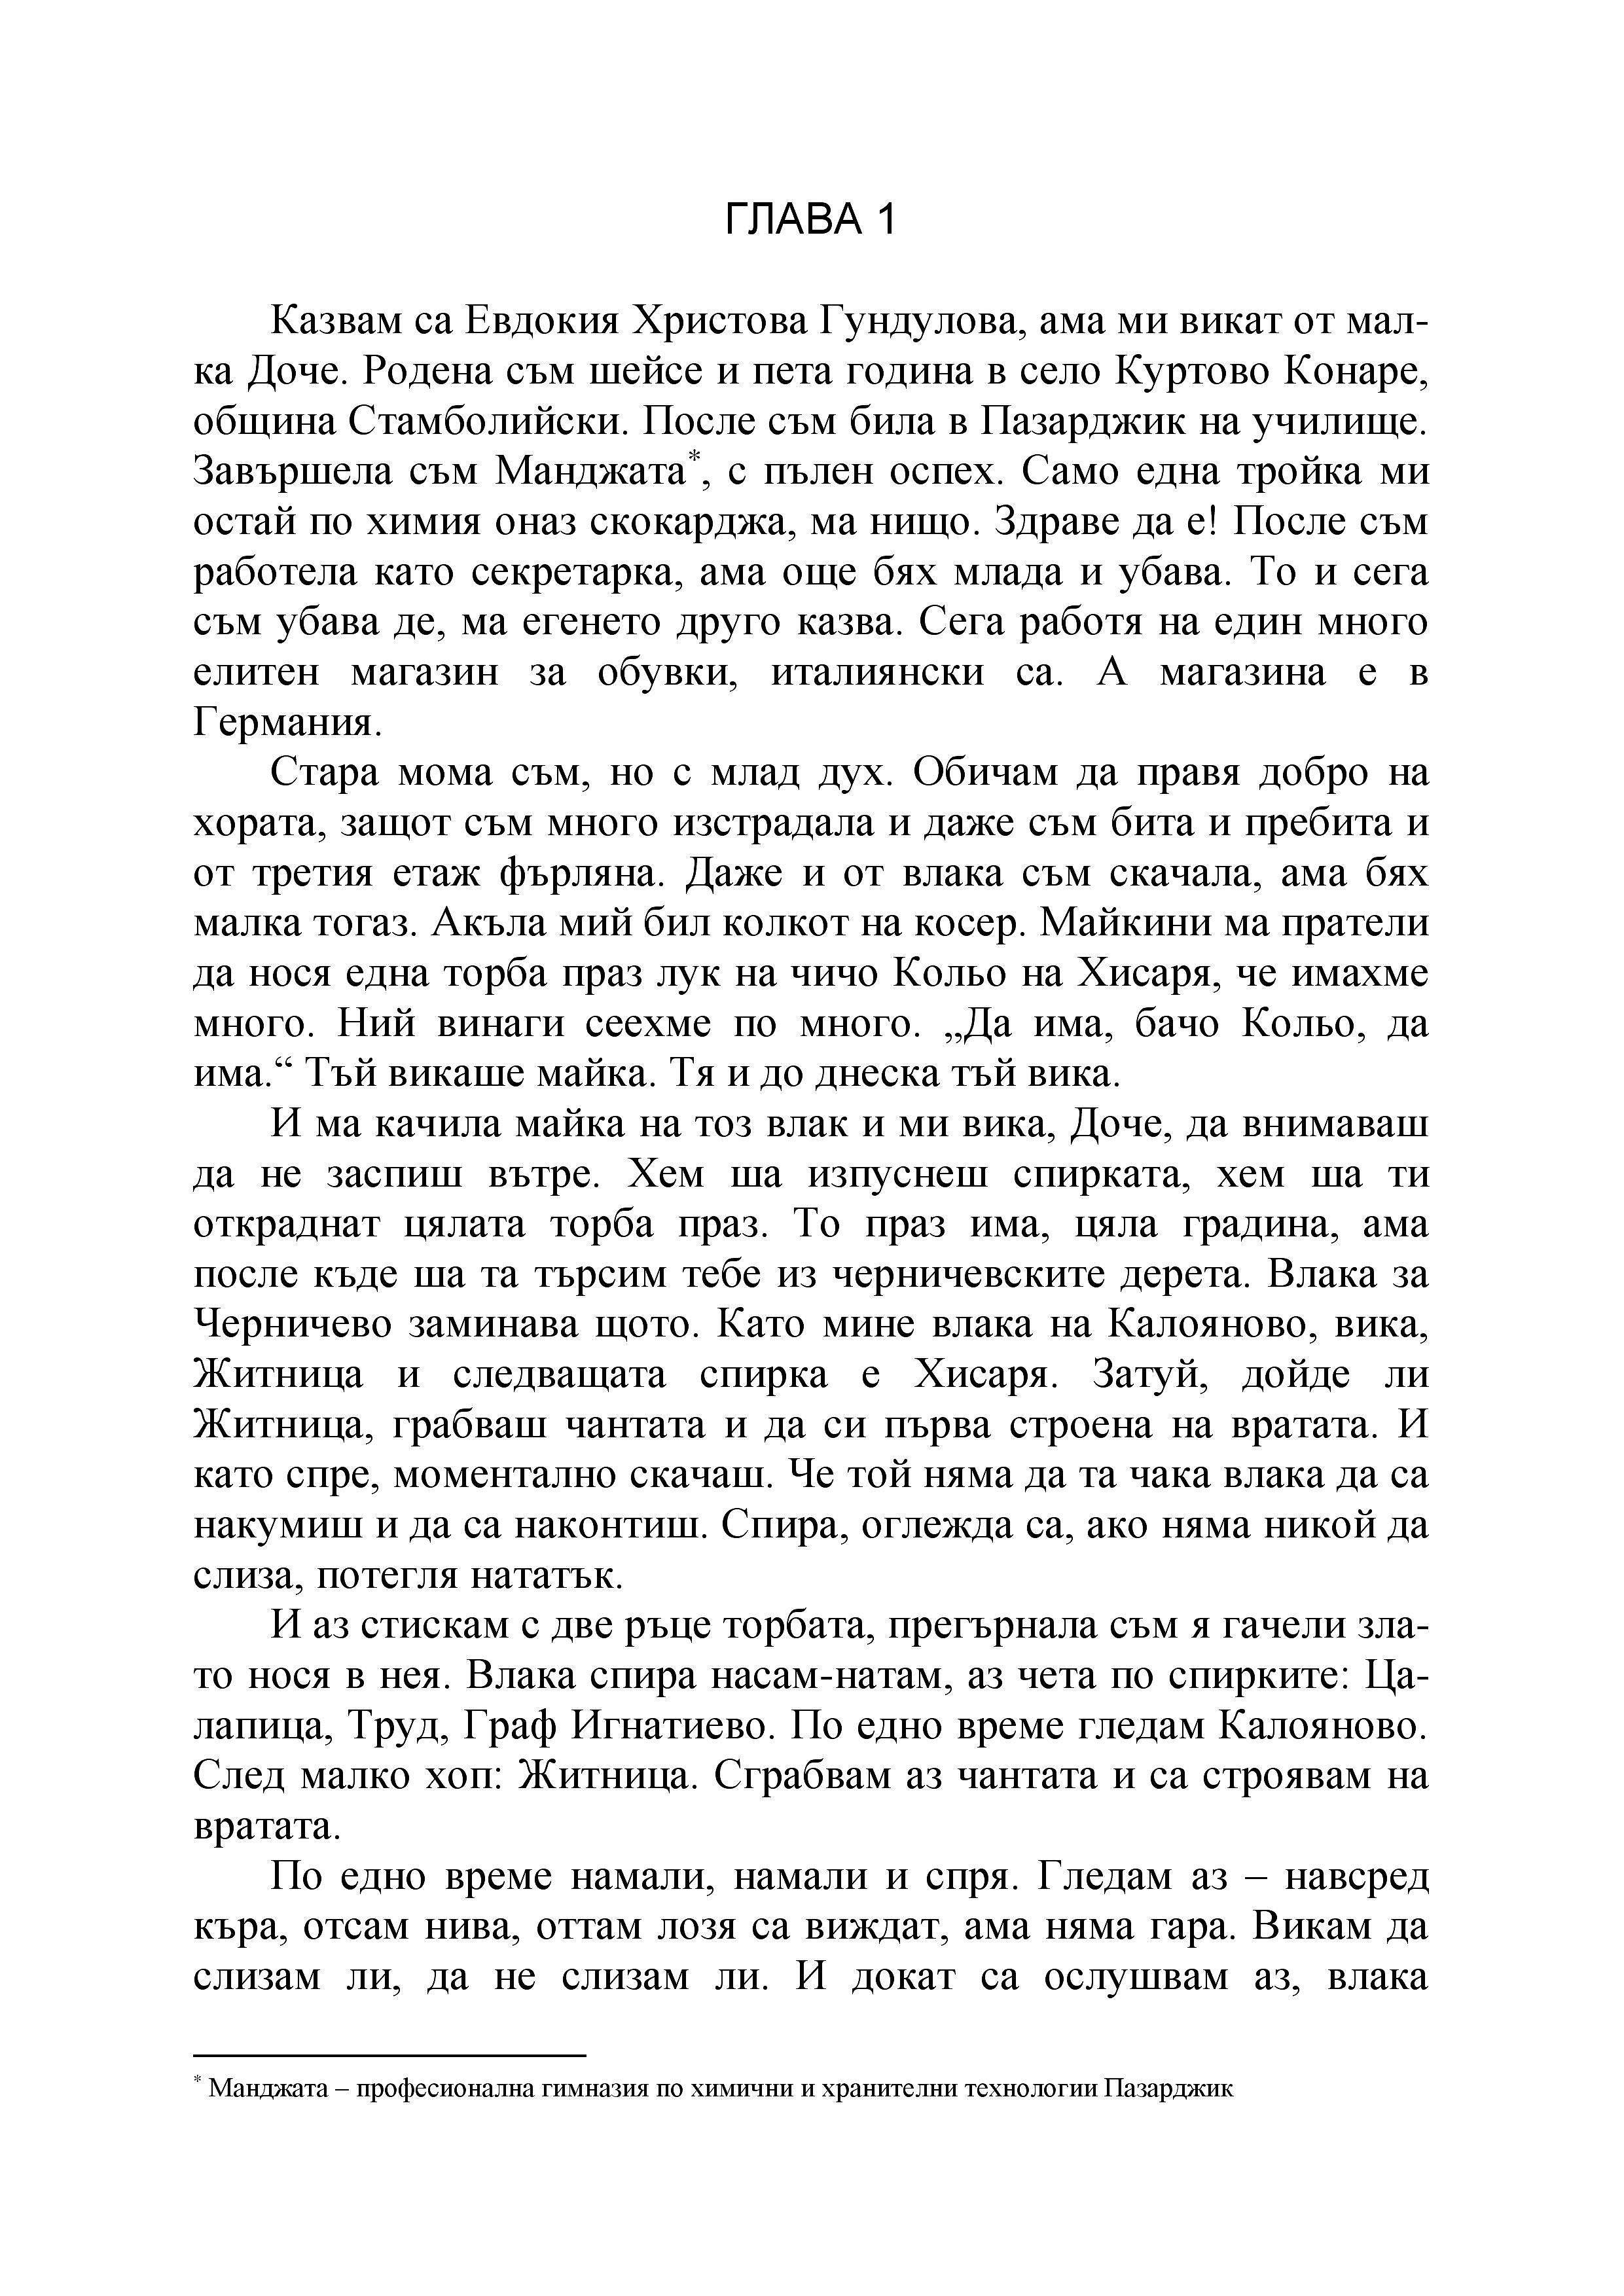 Писмата на леля Евдокия - 2